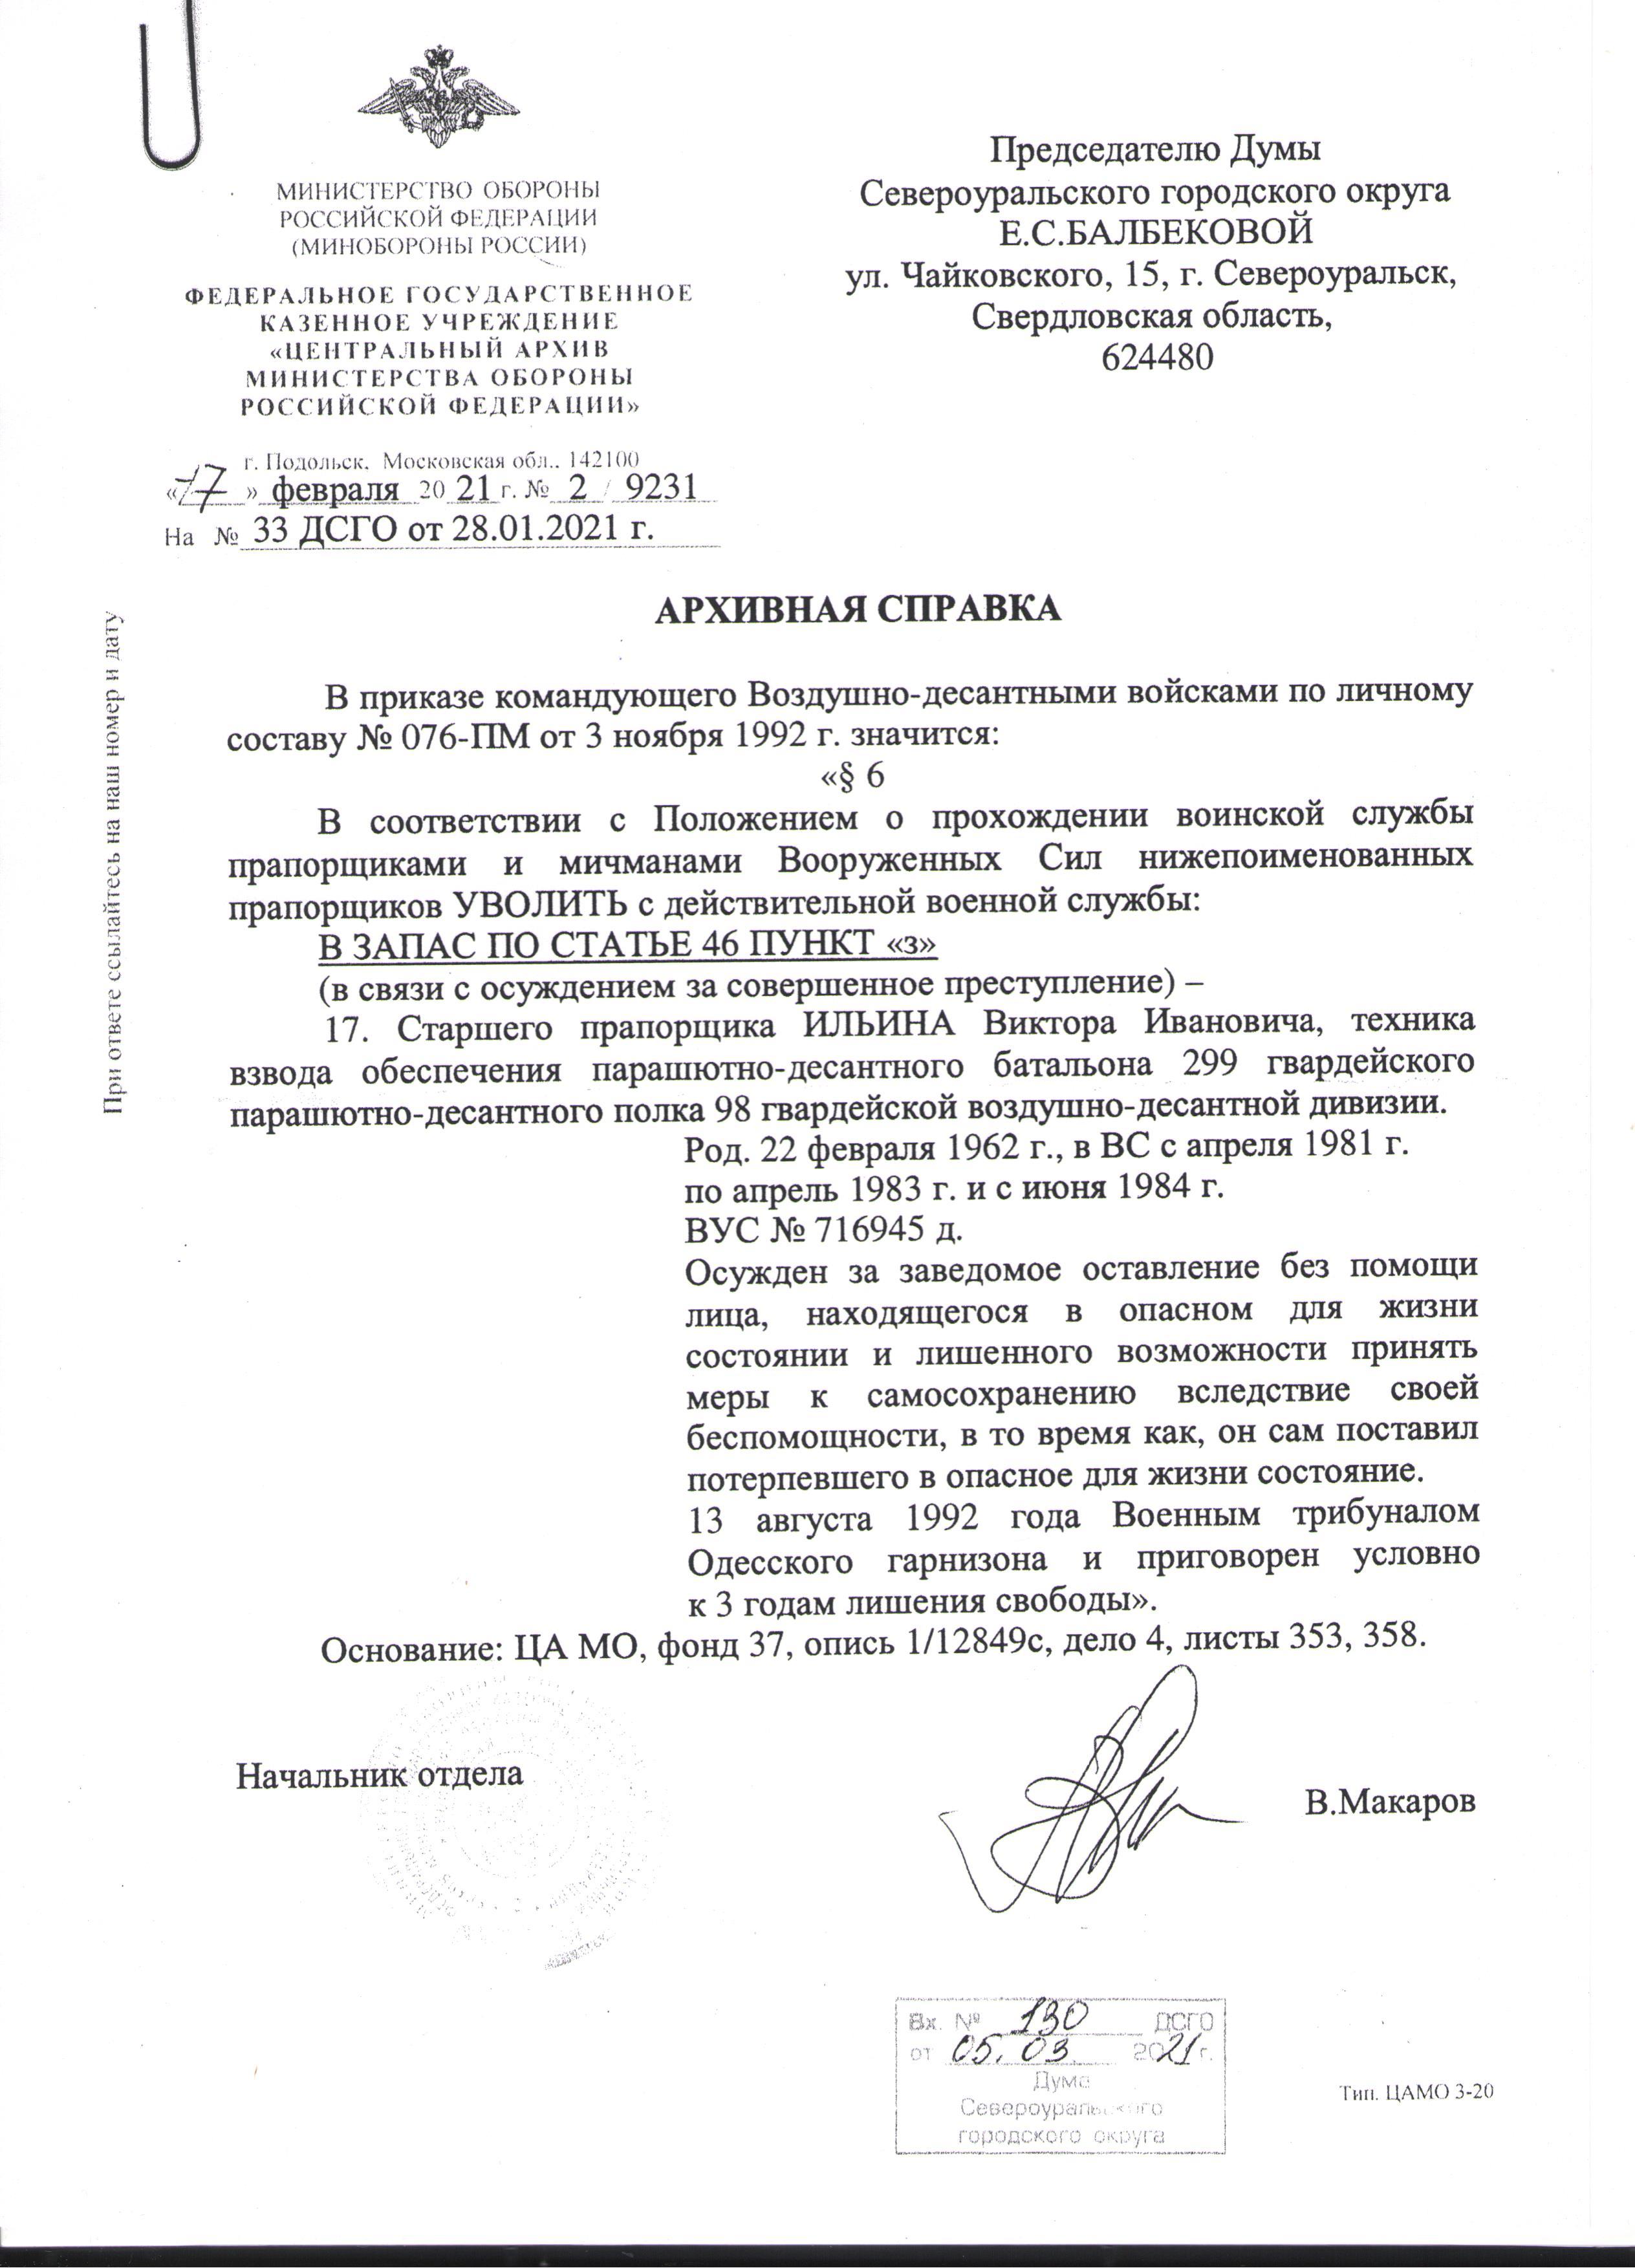 Ильин Виктор Иванович Североуральск увольнение из армии трибунал